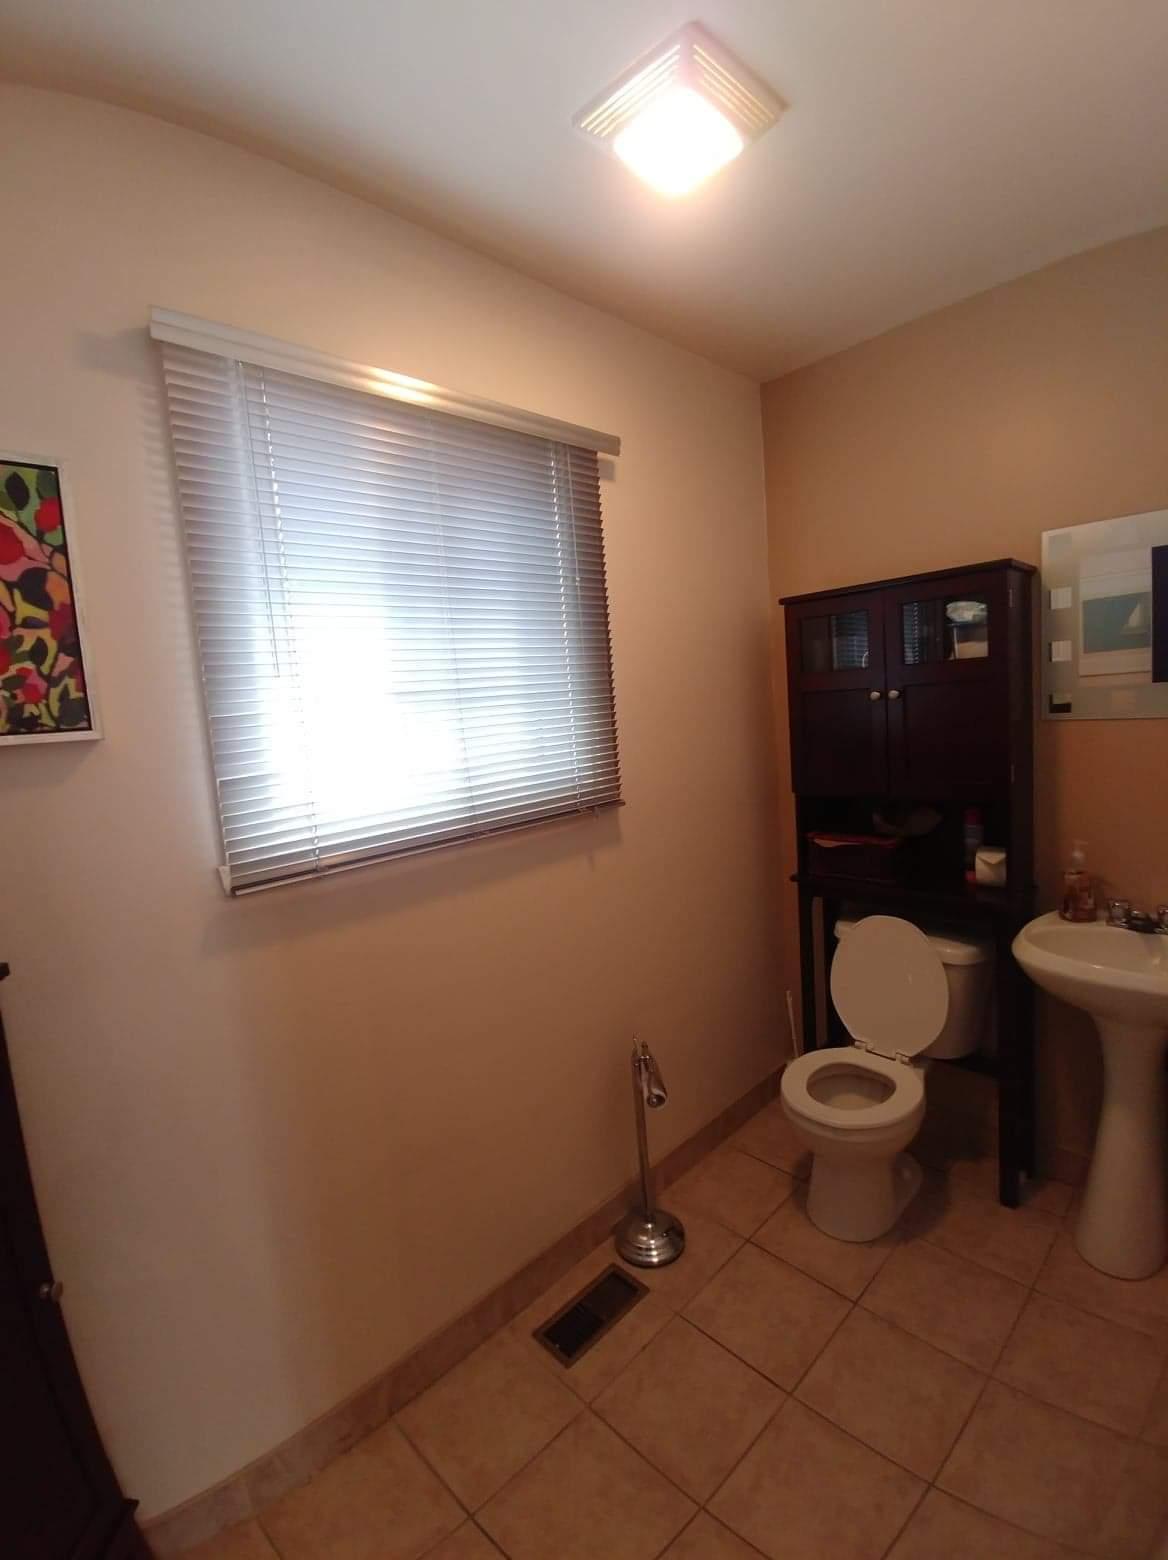 Photo 7 : Espace de bureau pour professionnel, Tout inclus, Emplacement de choix